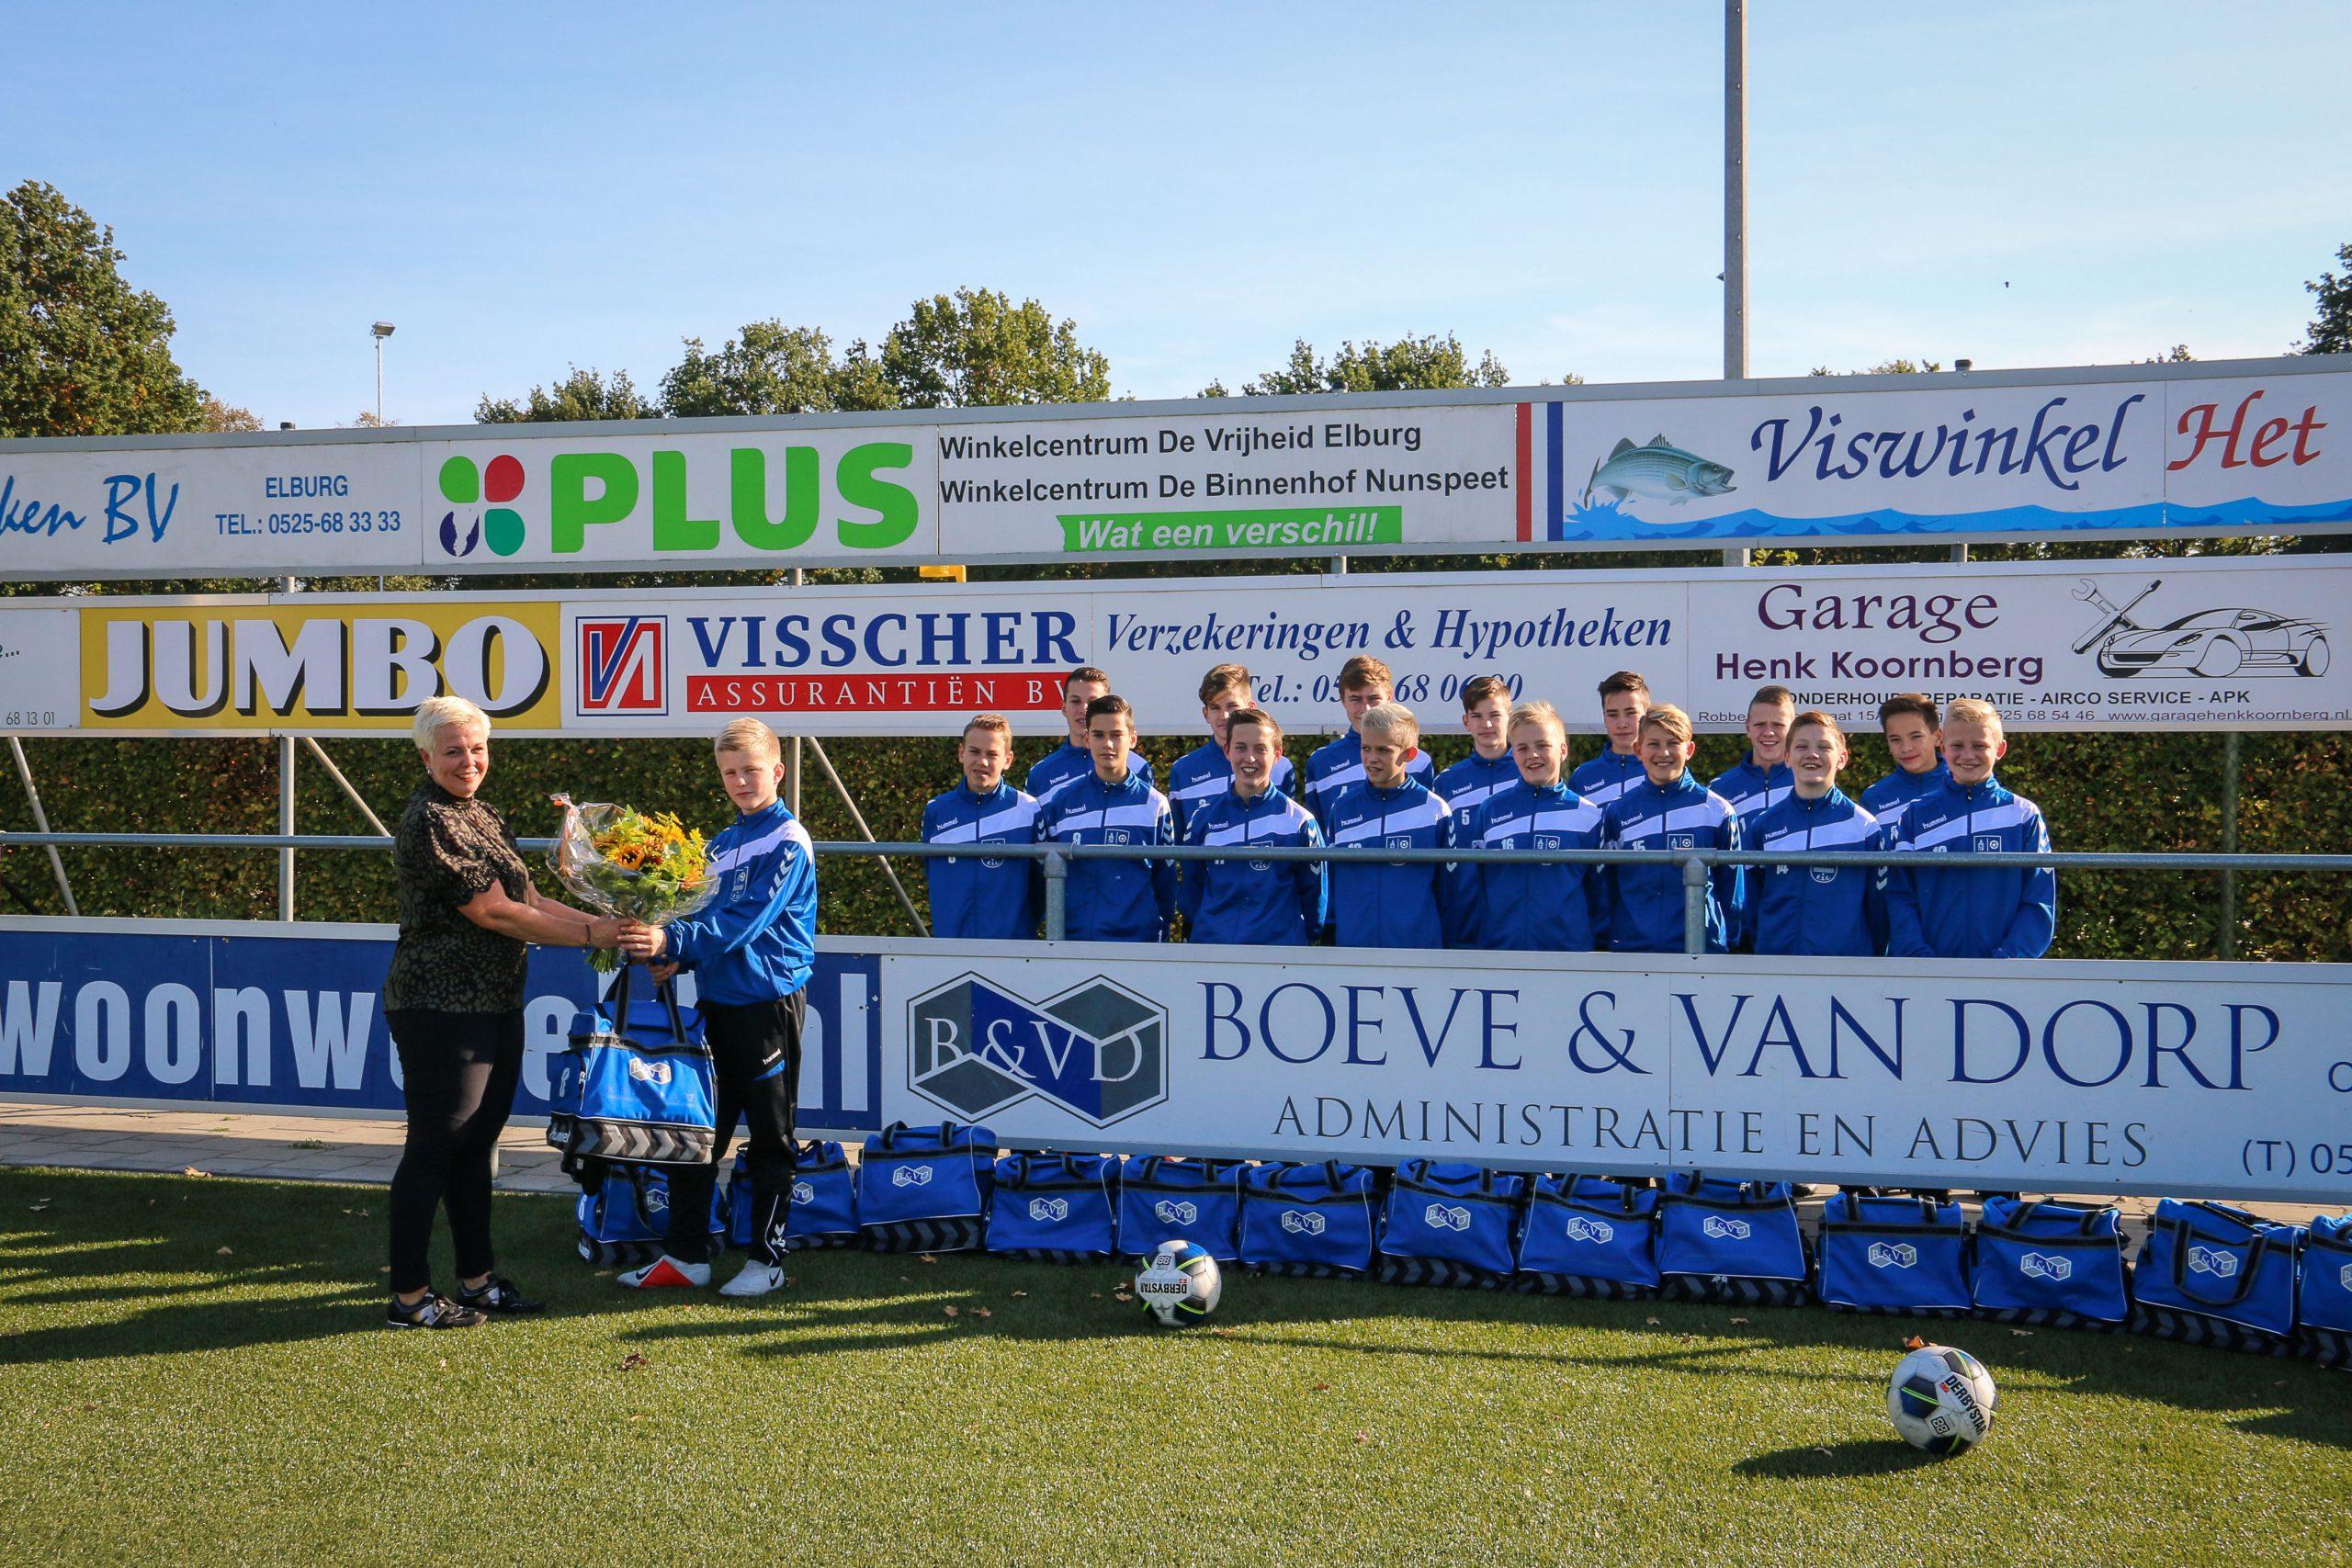 Boeve&van Dorp tassensponsor ESC JO15-2 - Elburger SC